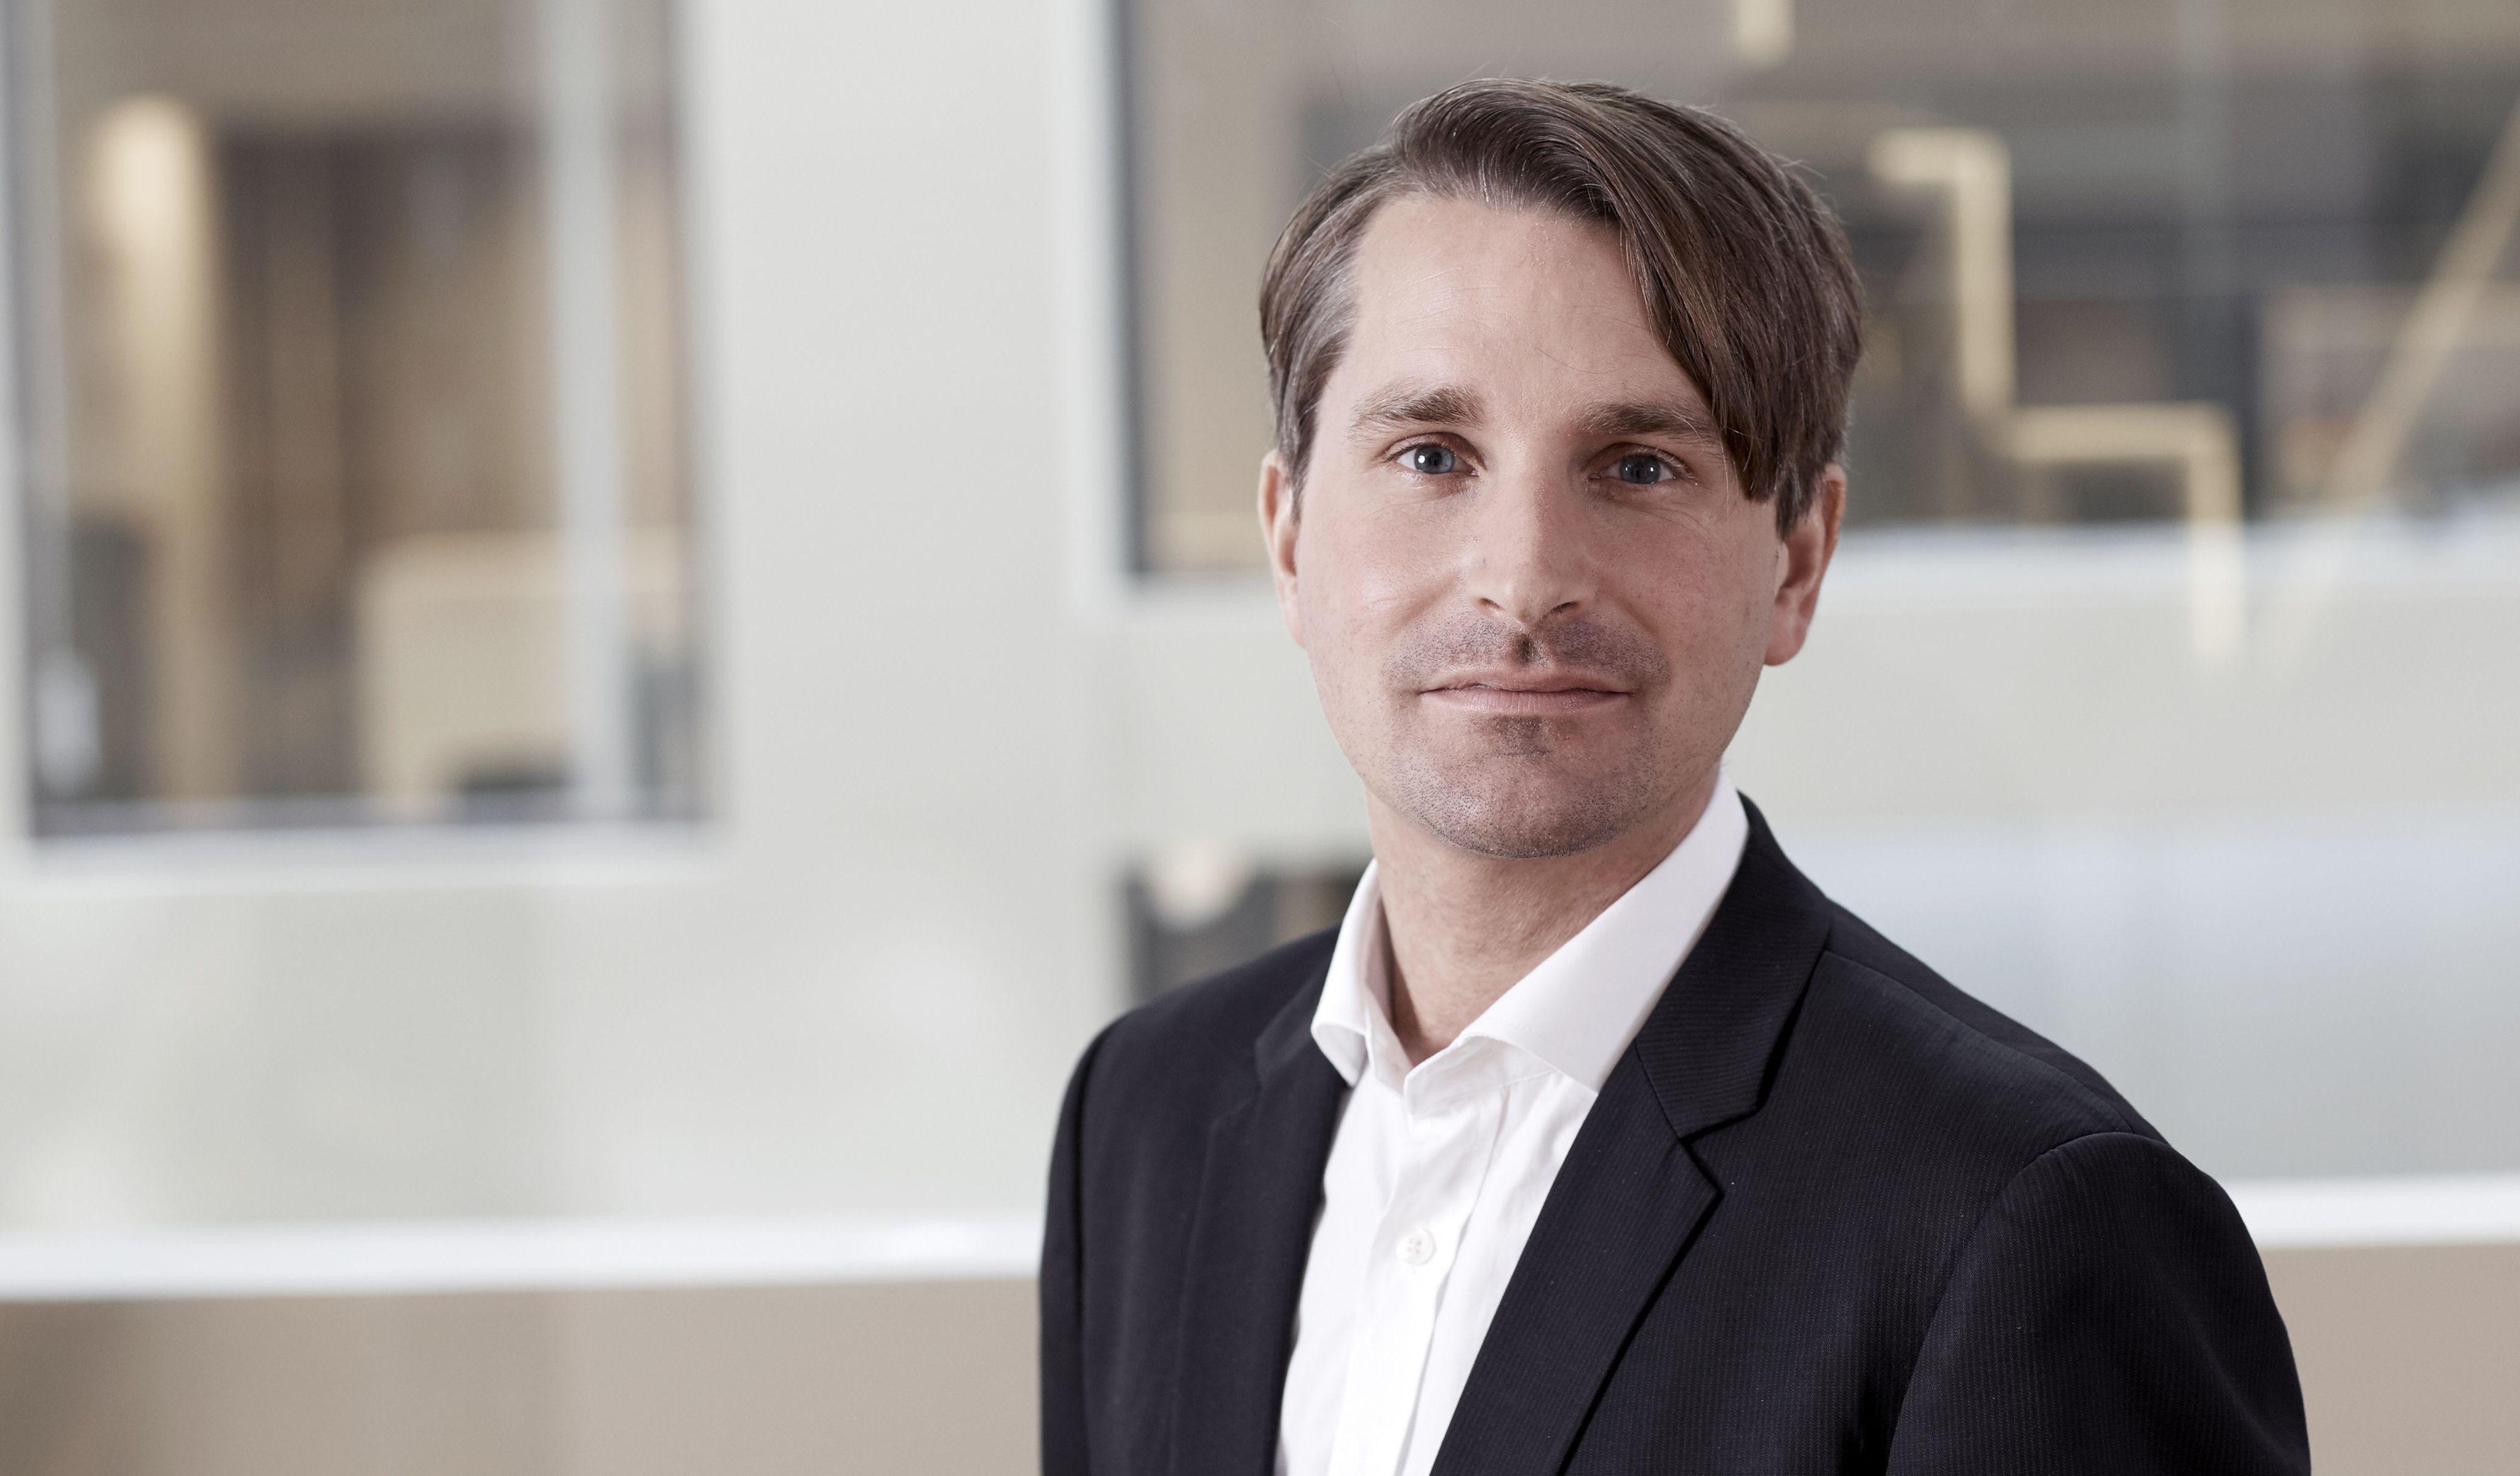 Forbrukerrådets fagdirektør for digitale tjenester Finn Myrstad. Bilde: Forbrukerrådet